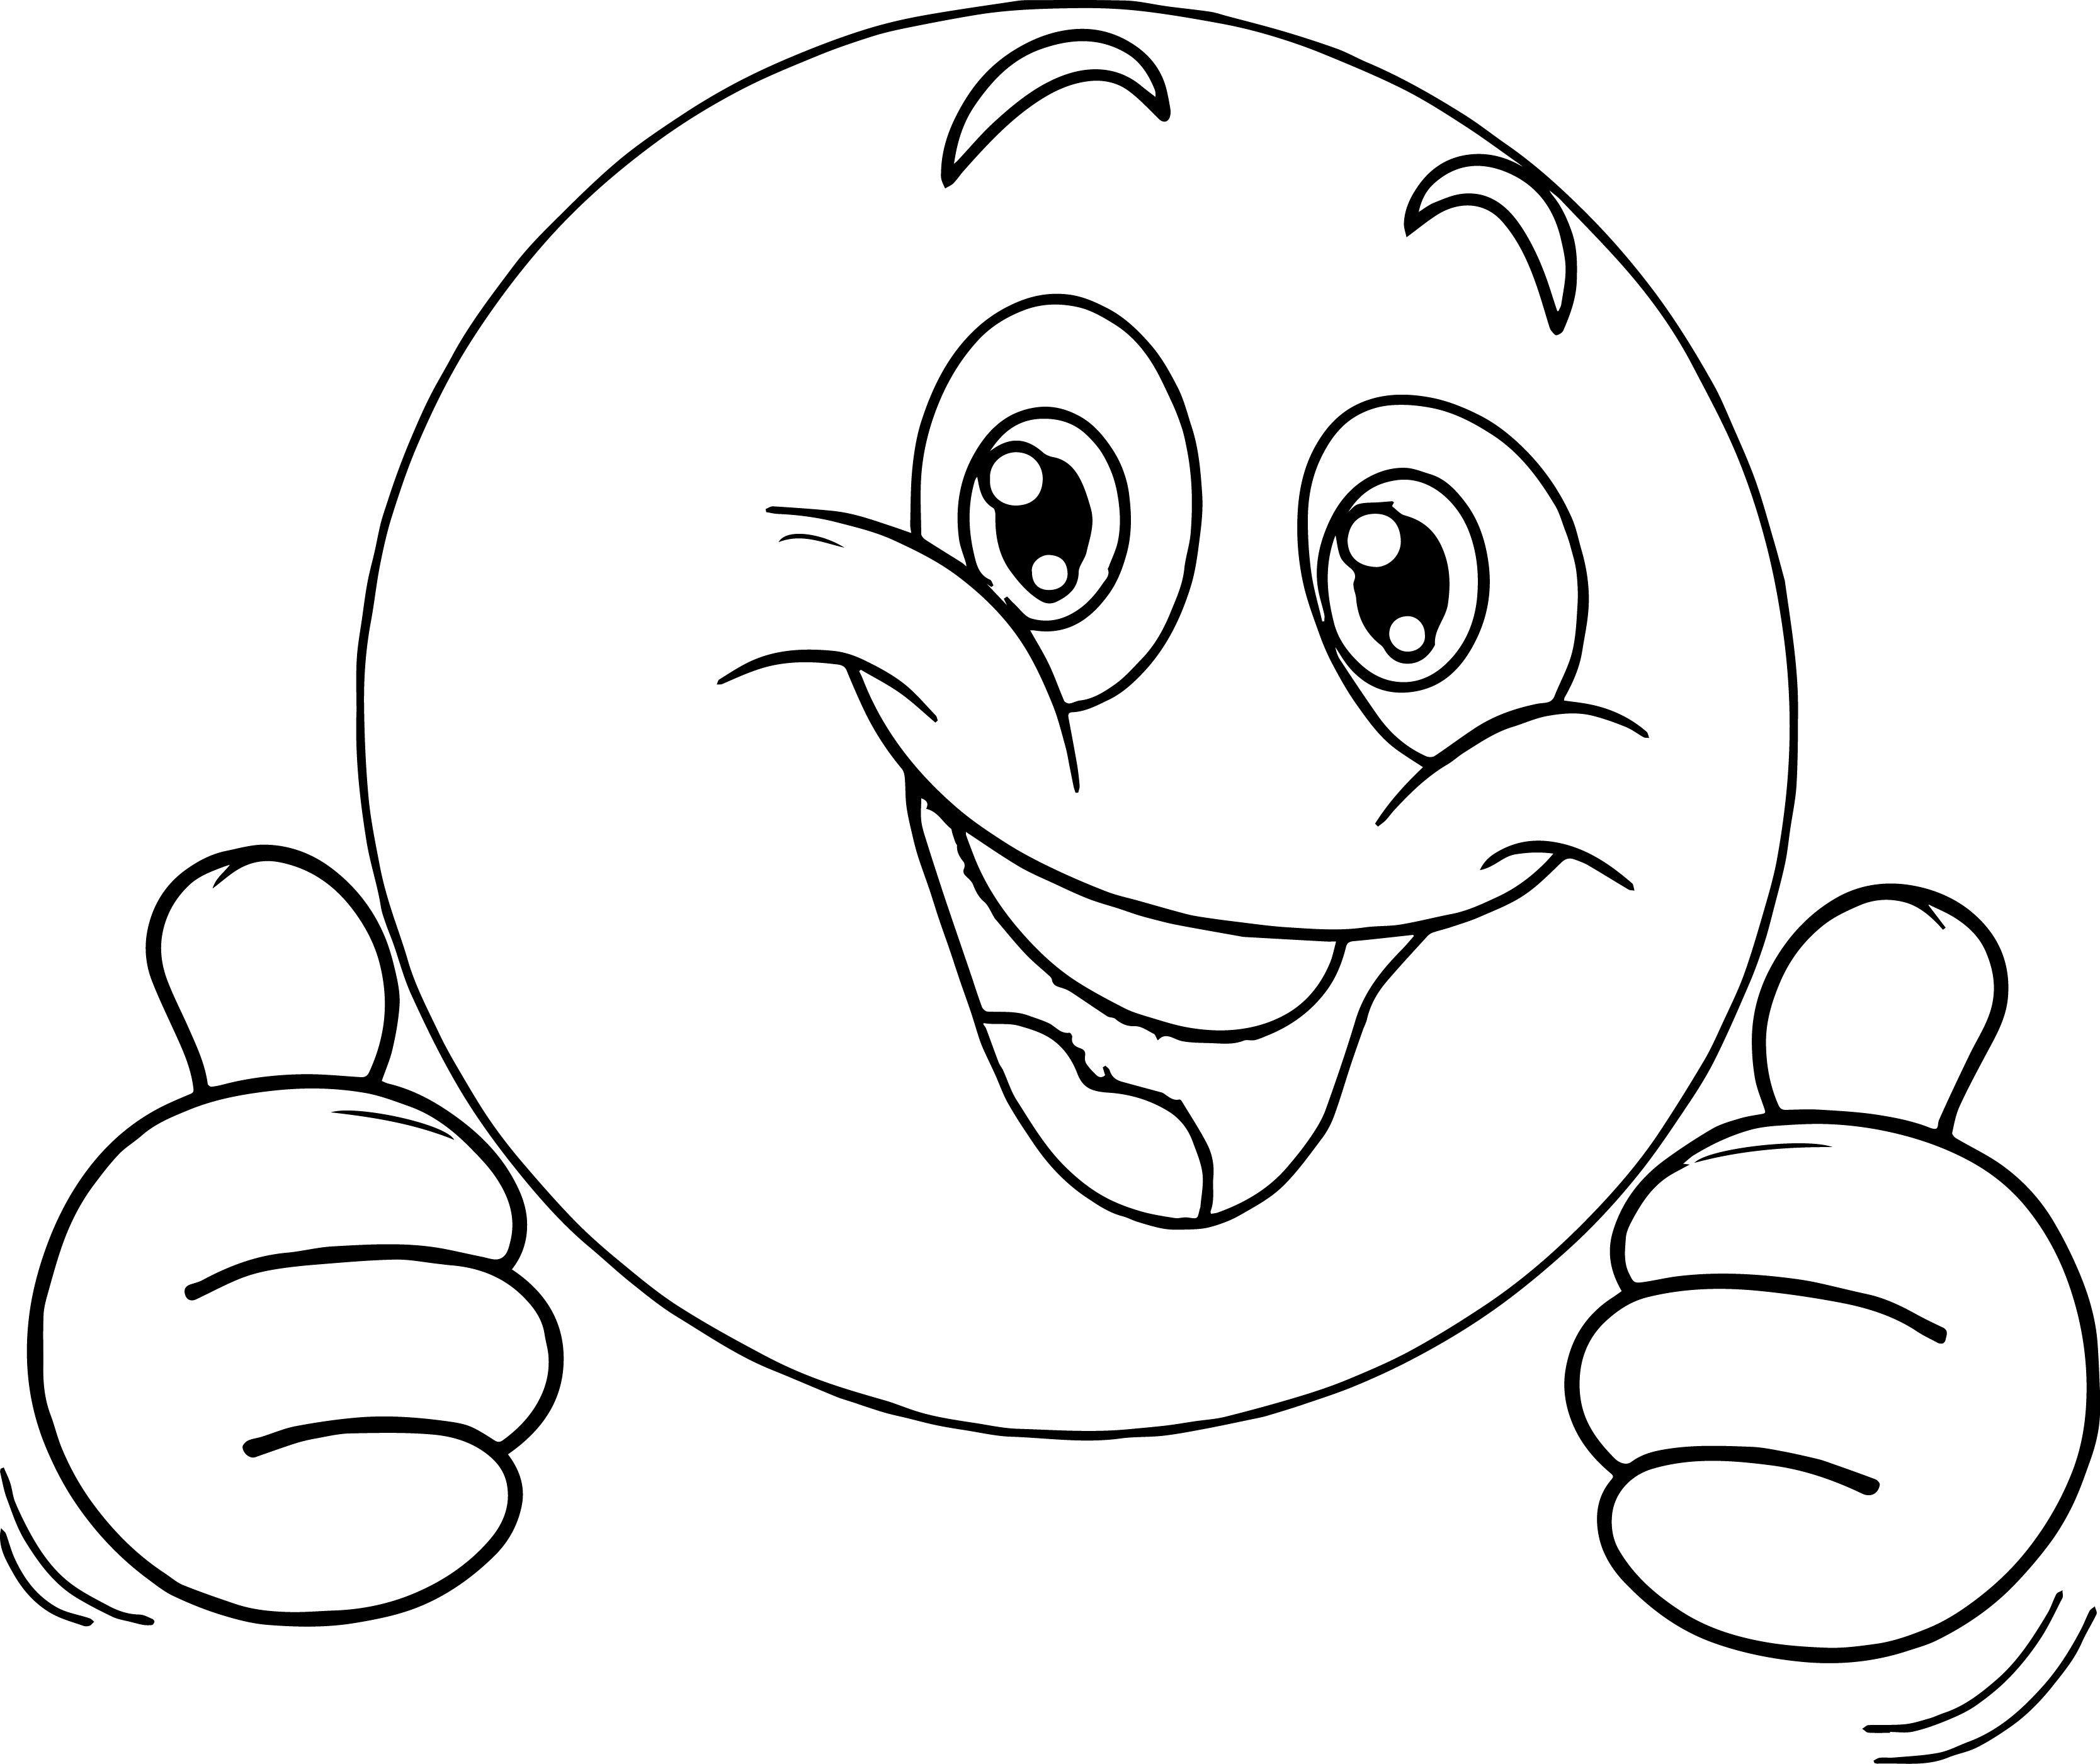 Saygi Anaokulu Emoji Coloring Pages Emoticon Faces Coloring Pages